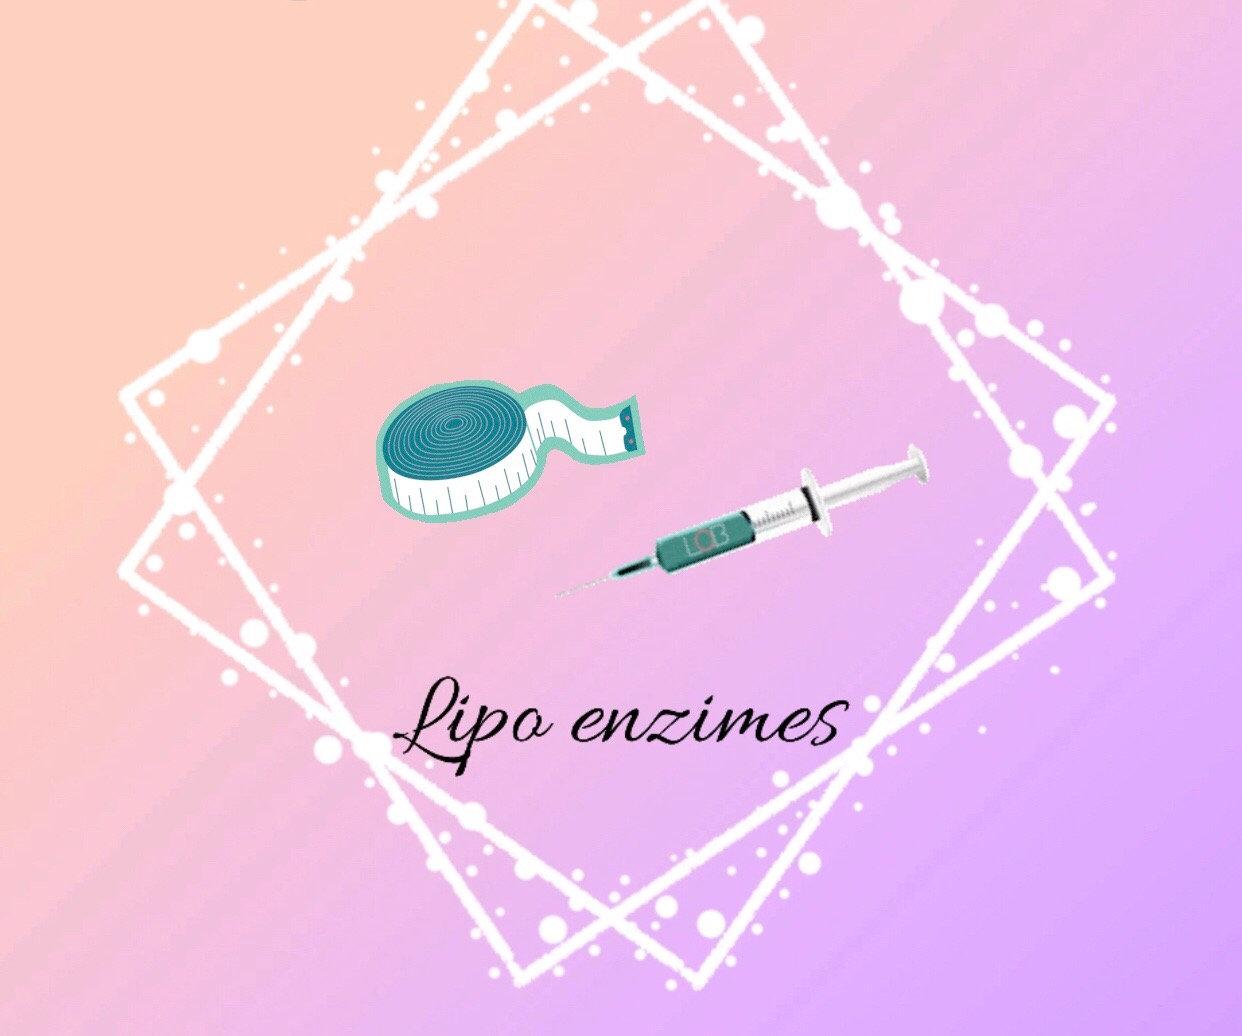 Lipo enzymes